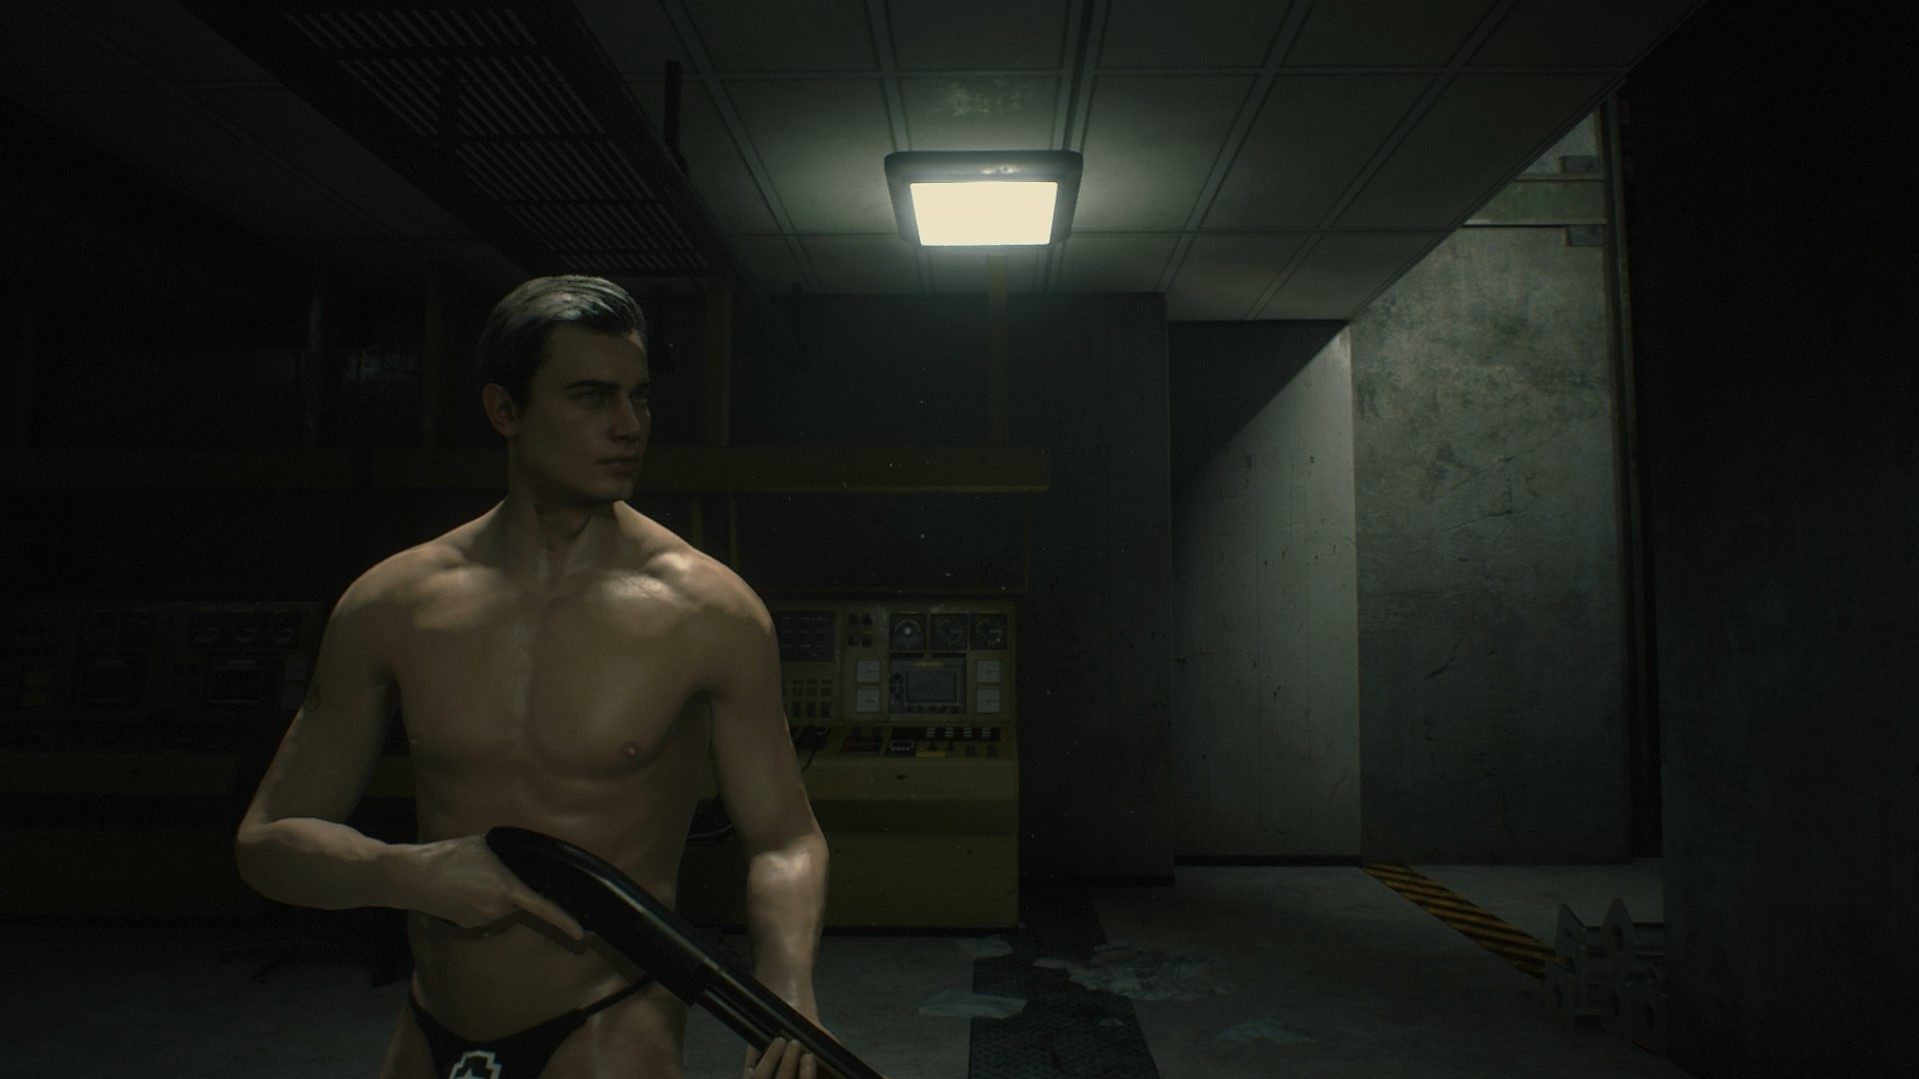 สาวกรี๊ดสลบ! พบม็อดที่เปลี่ยนลีออนจากเกม Resident Evil 2 ให้กลายเป็น